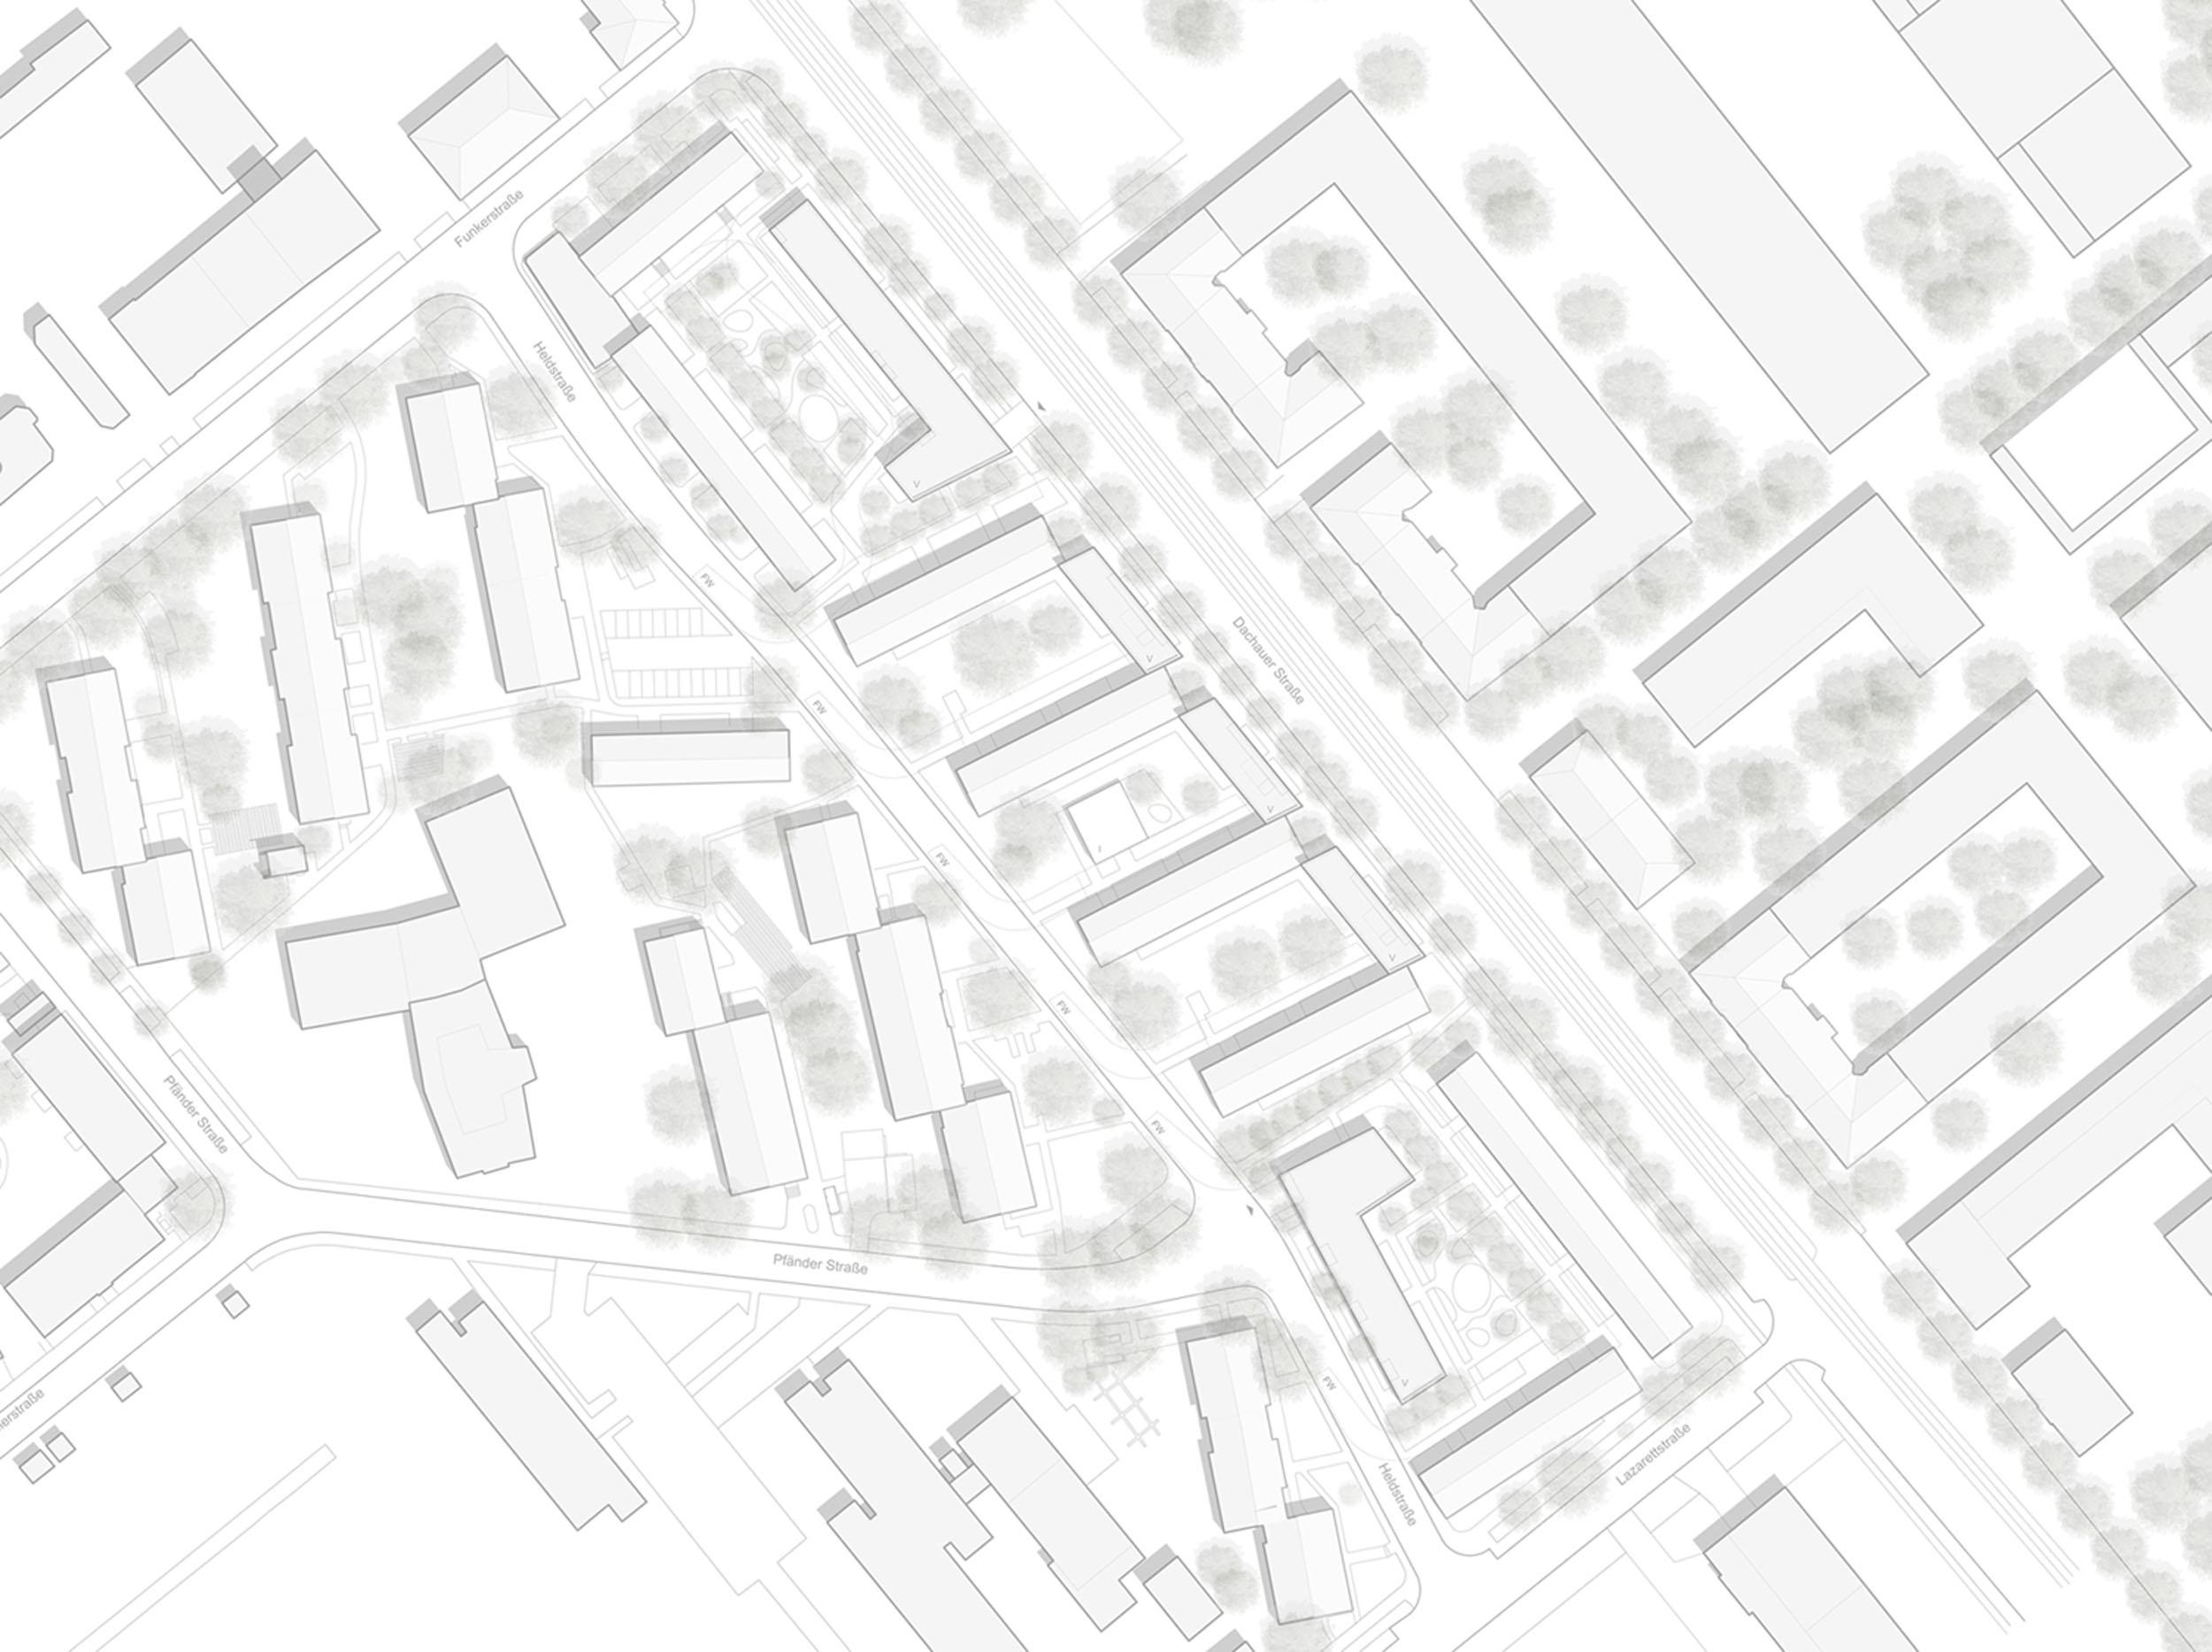 Wettbewerb Lärmschutz Dachauer Straße, 2. Preis 1